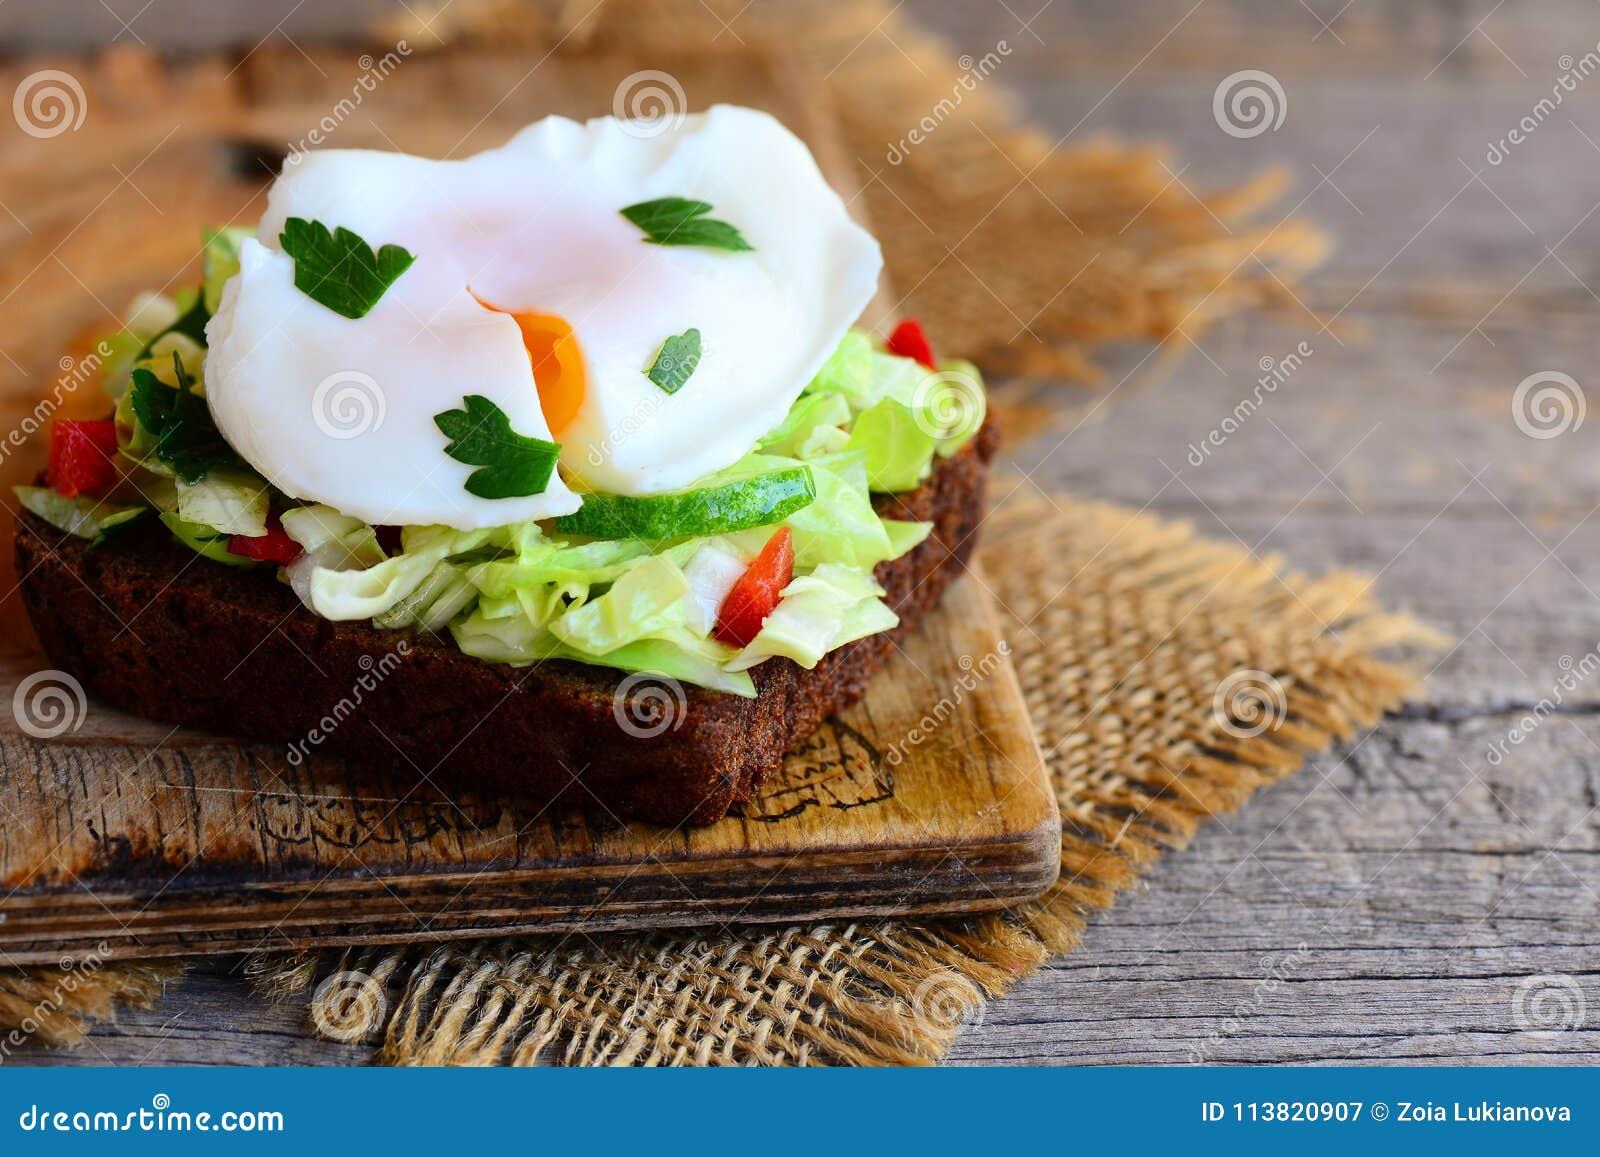 condimento per insalate rapido per la perdita di peso